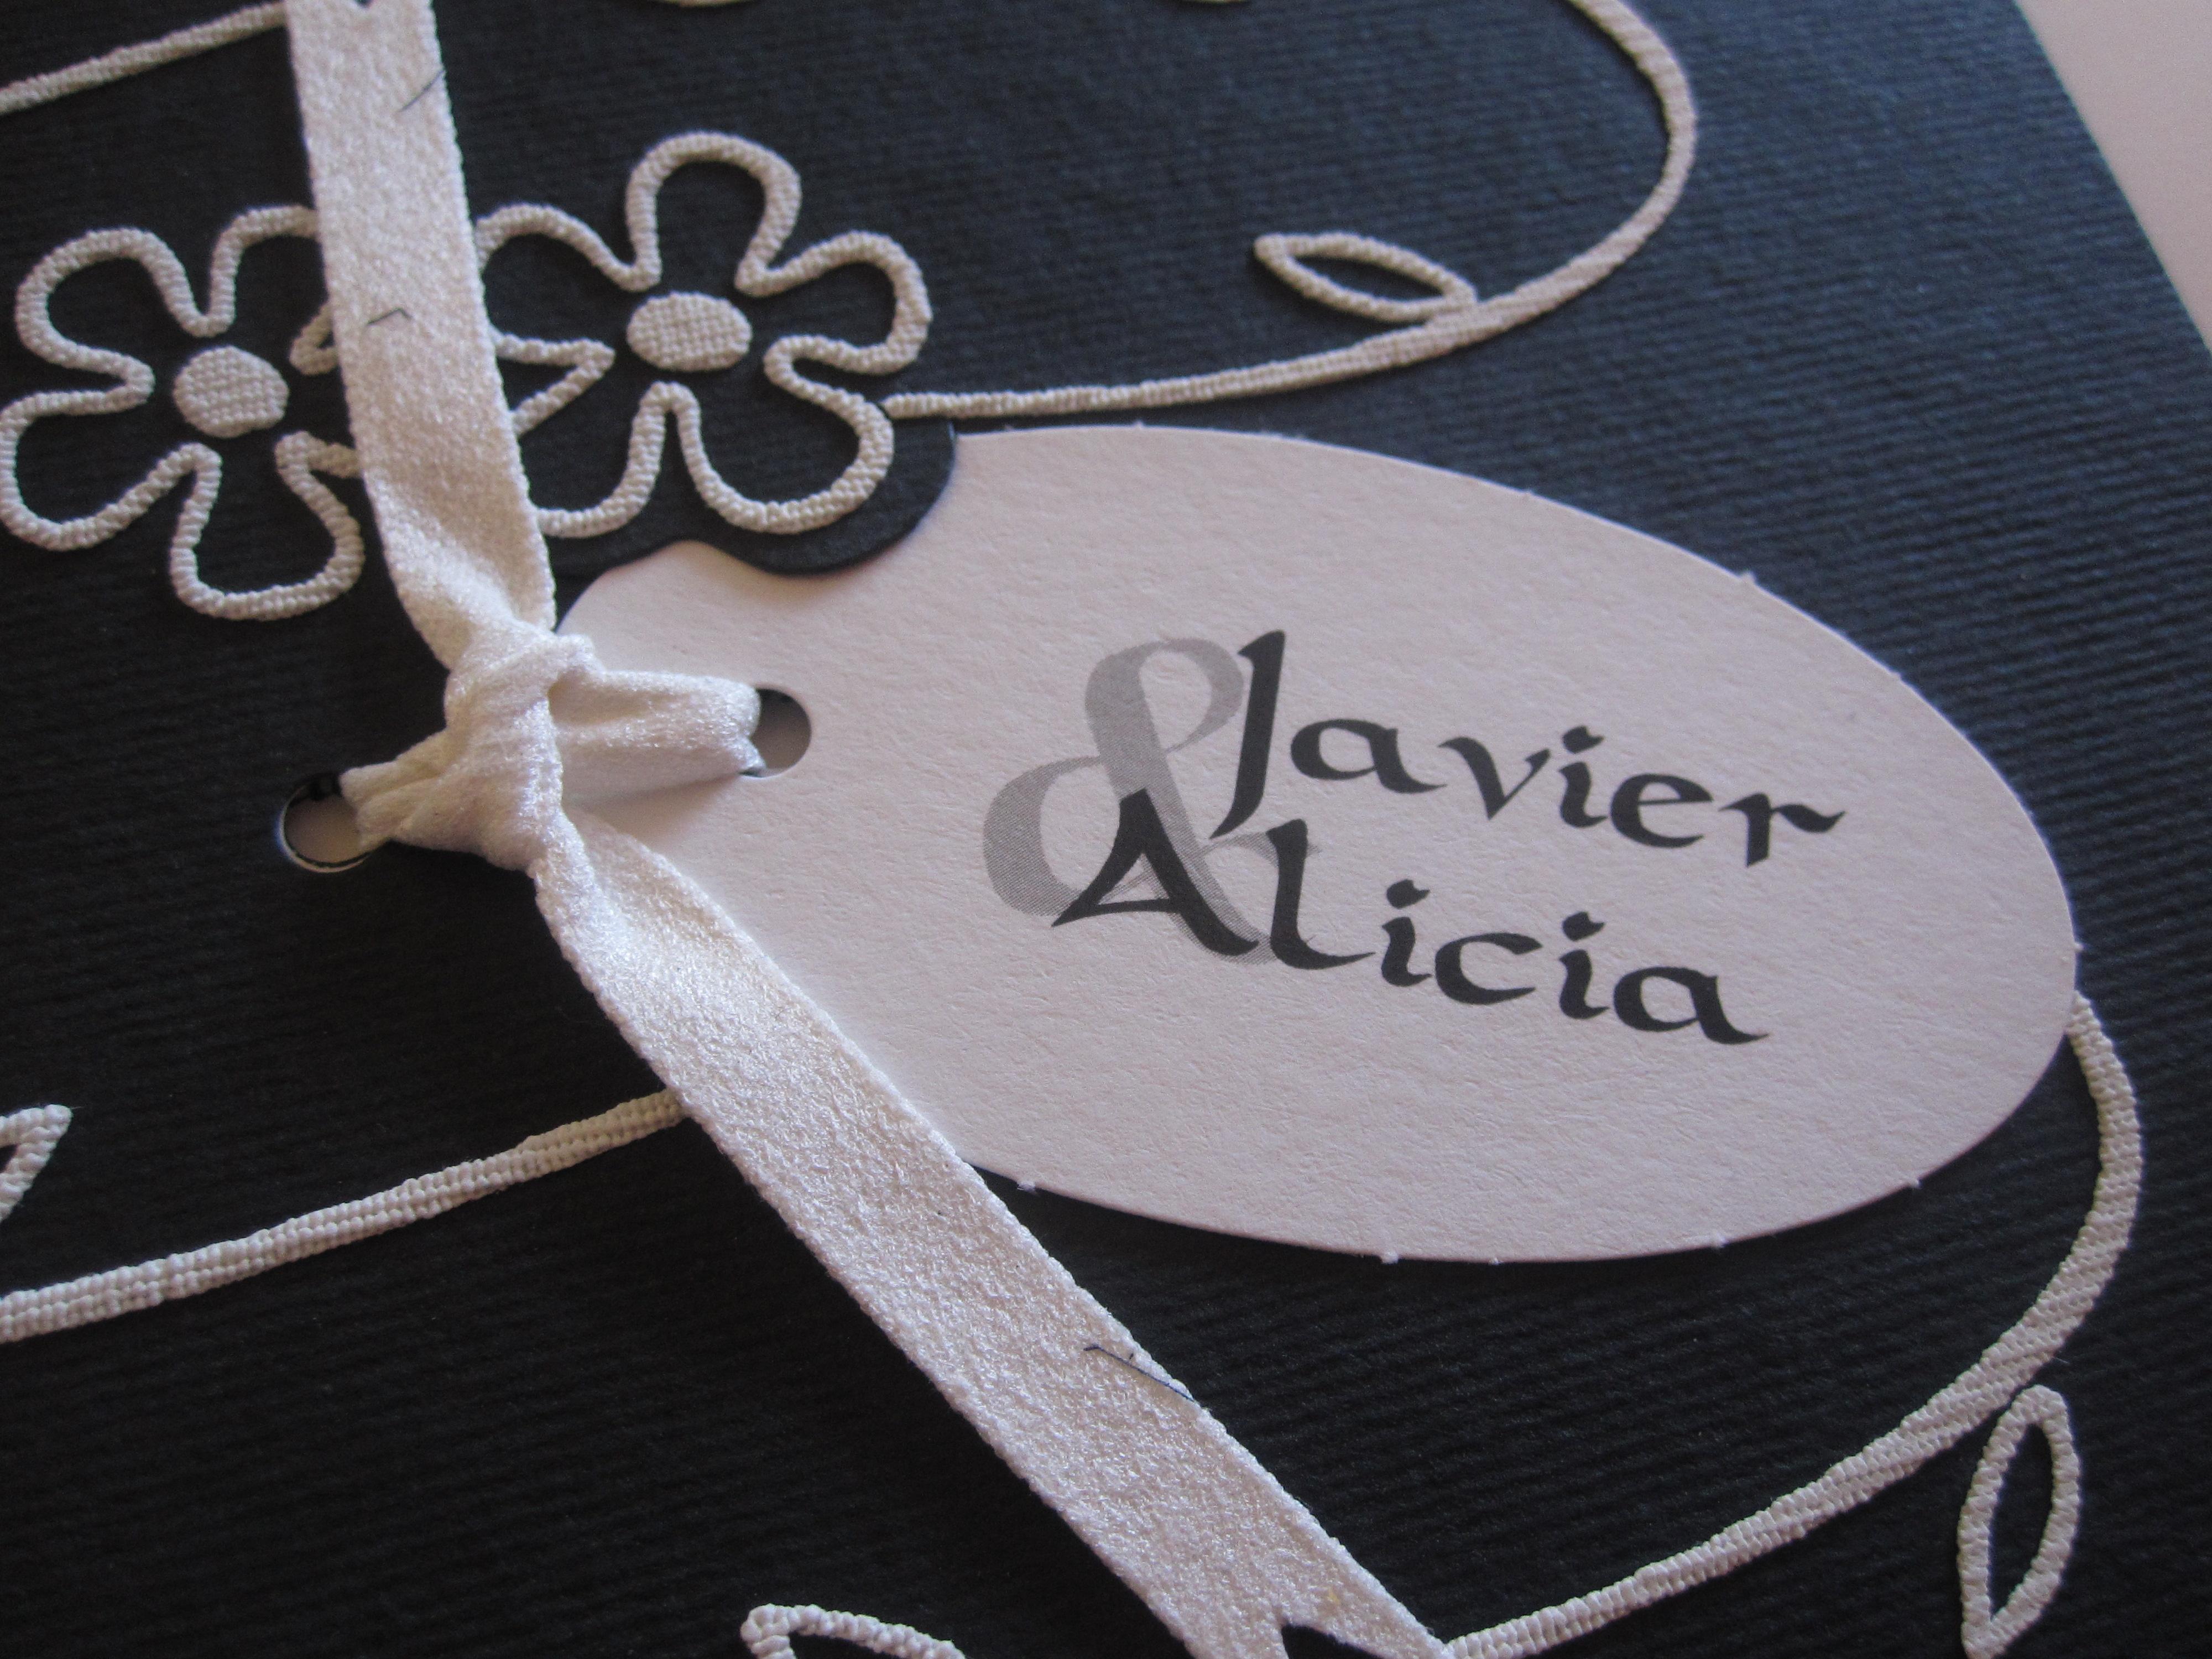 The bride, Alicia, designed the invite.